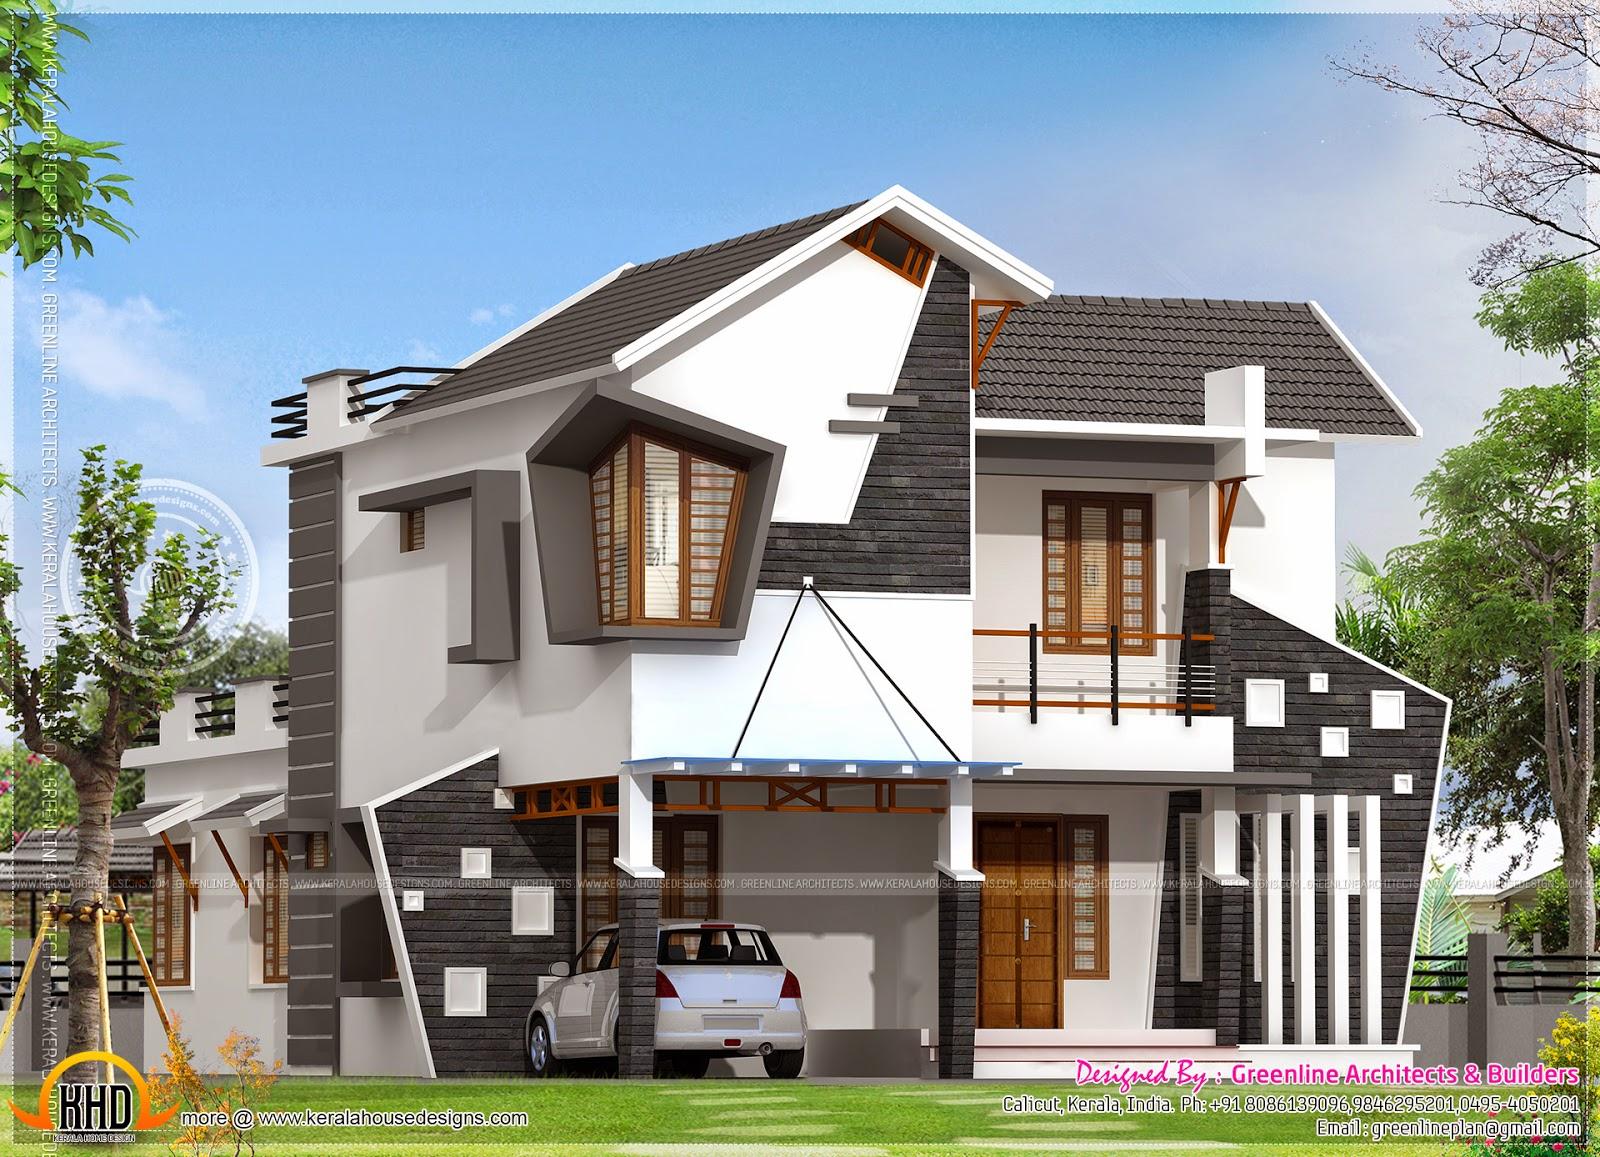 Unique house exterior in 2154 square feet